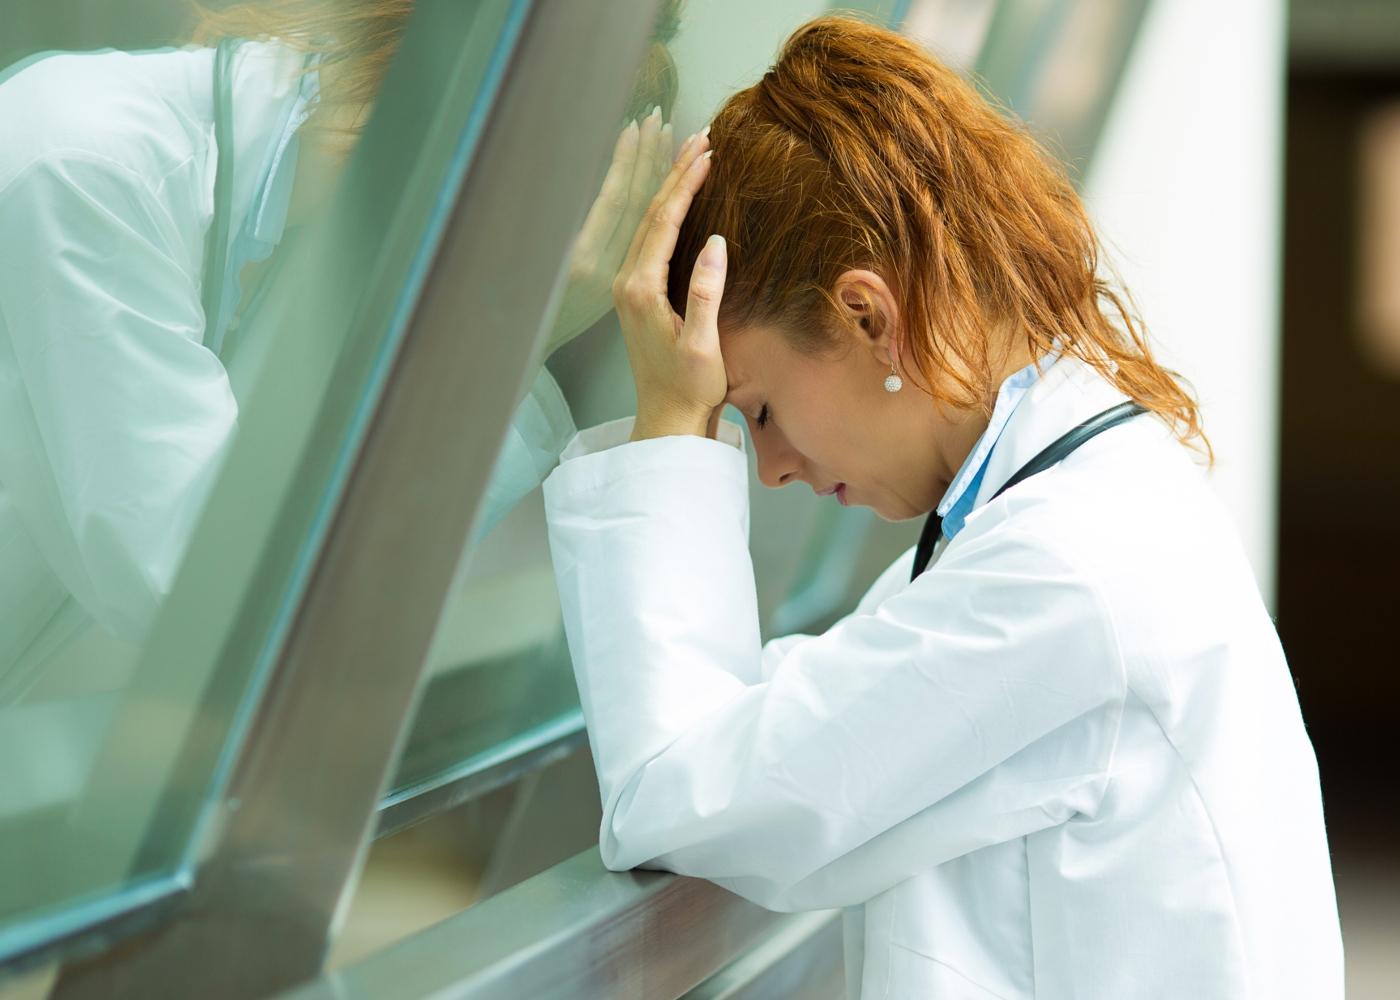 Médica exausta após terminar o seu turno de trabalho